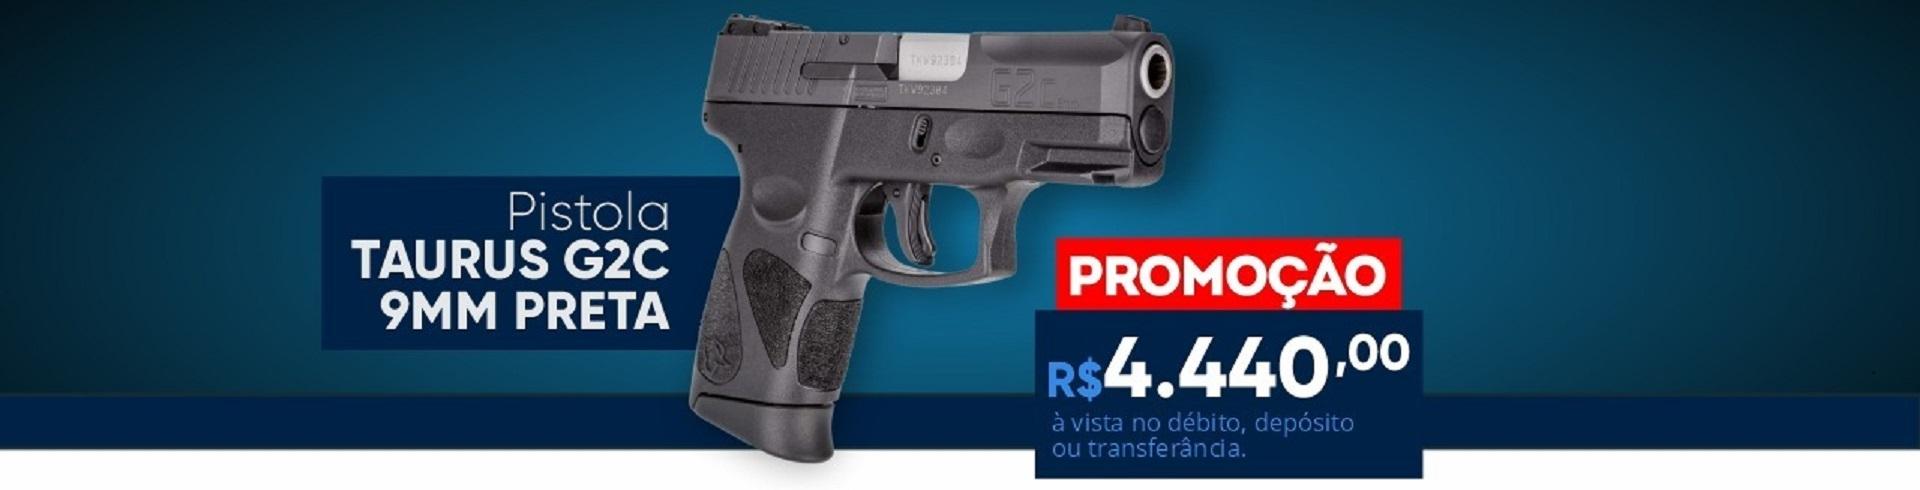 pistola g2c  taurus 9 mm